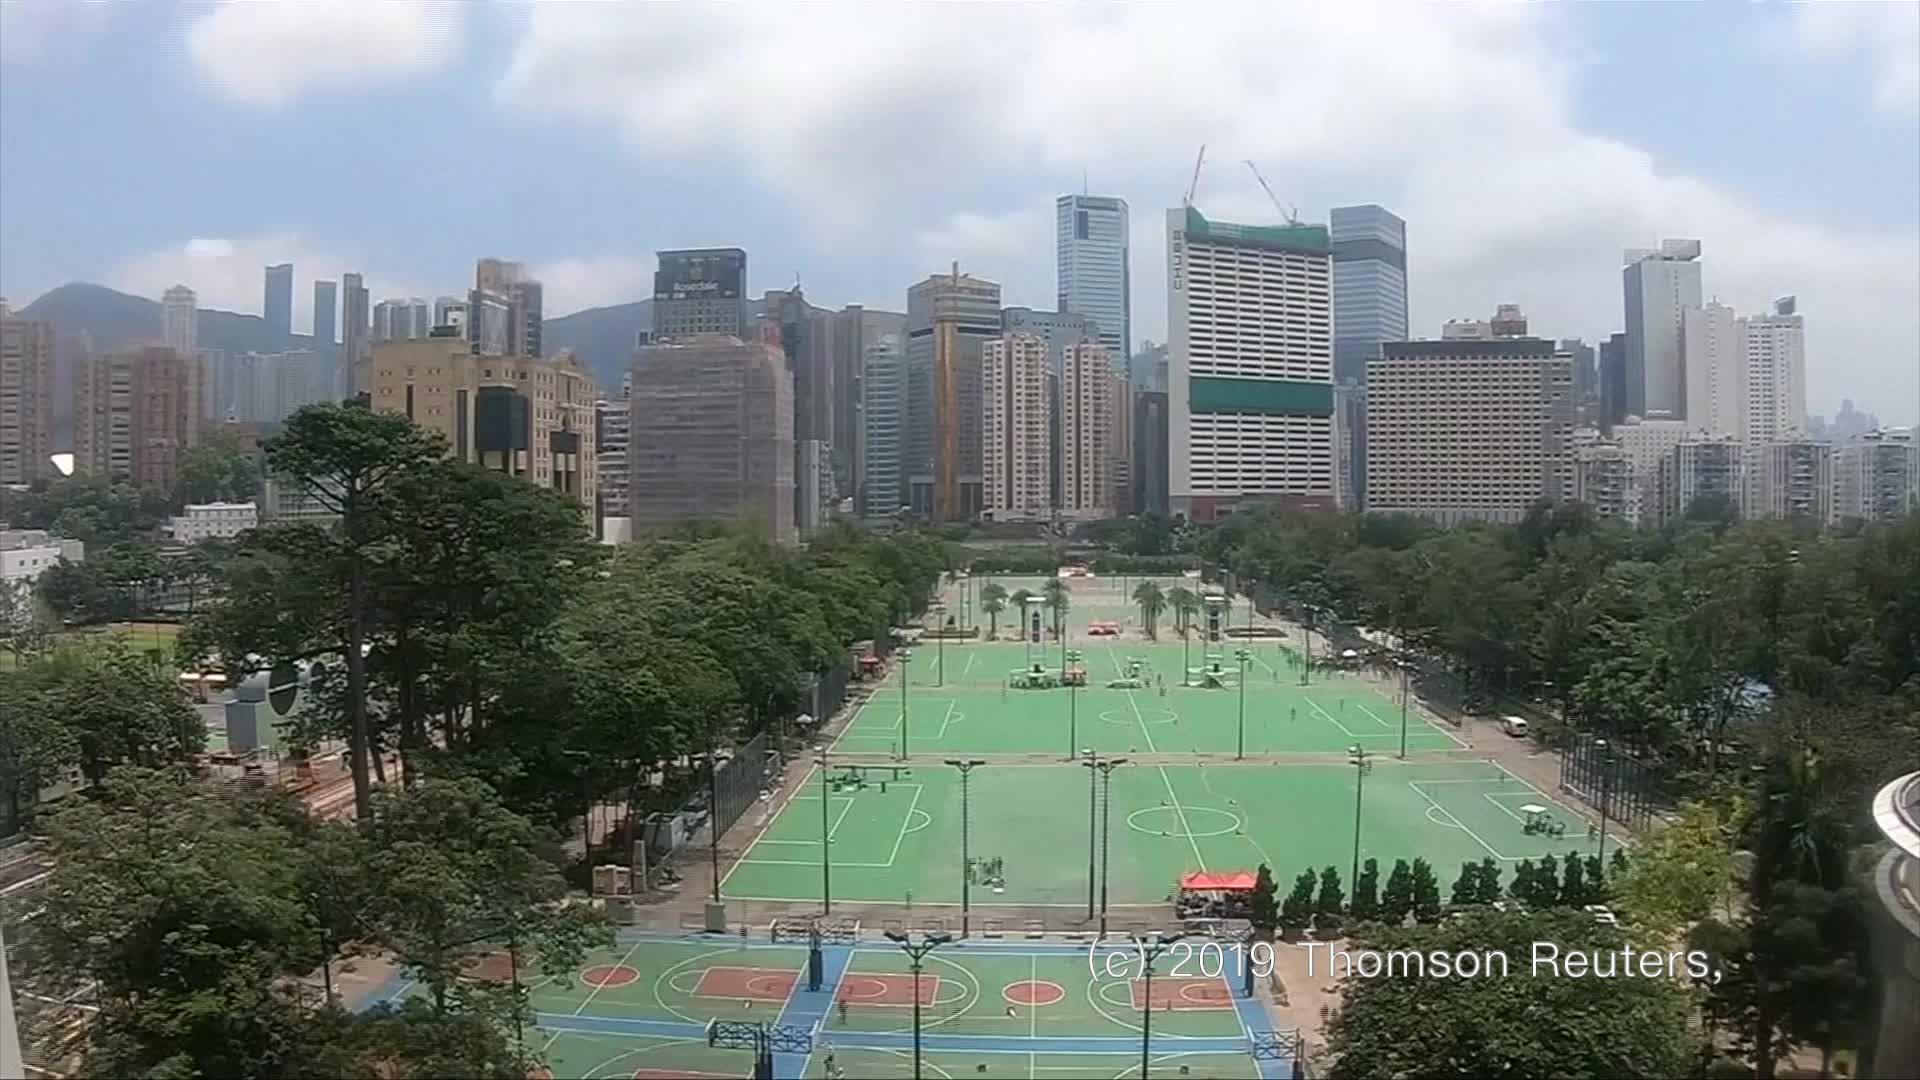 驚人「黑海」淹沒香港!6.16反送中遊行縮時影片如海水潰堤